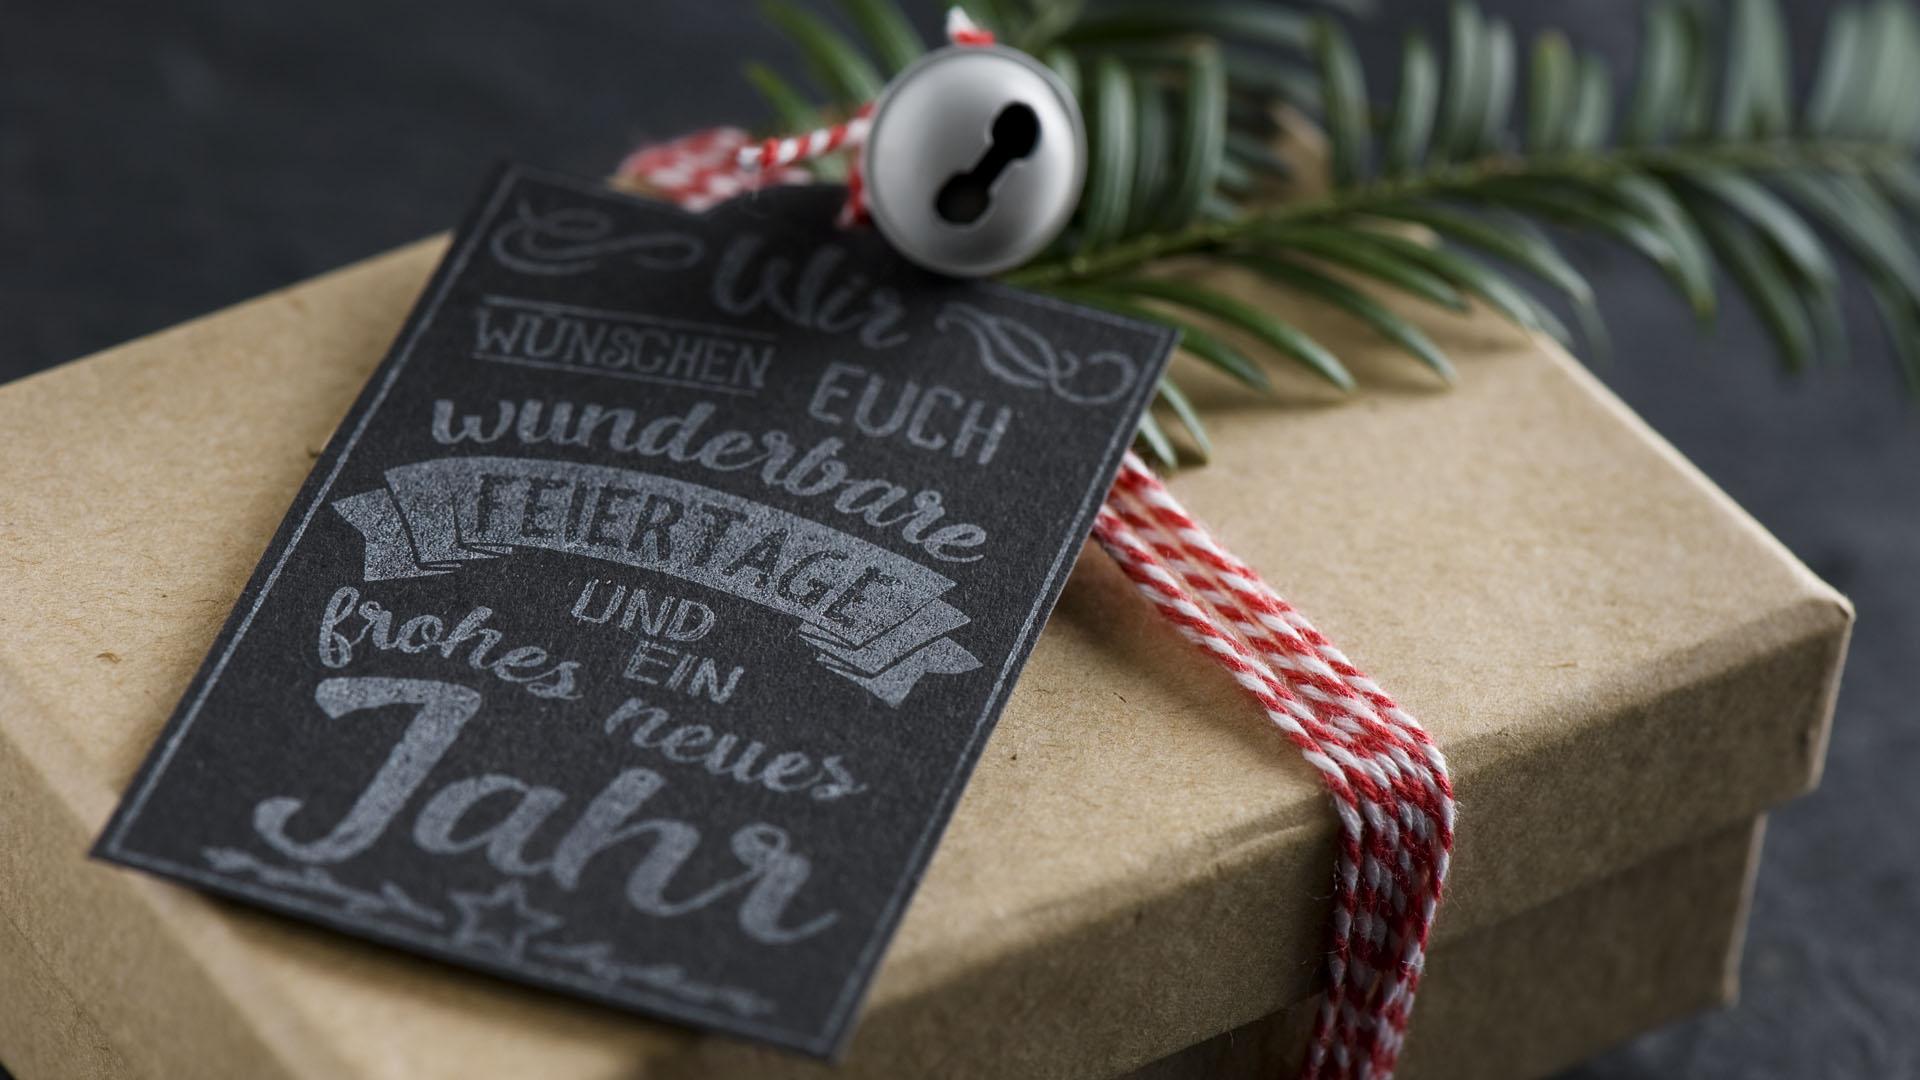 Ideen für die Weihnachtspost: Die besten Wünsche